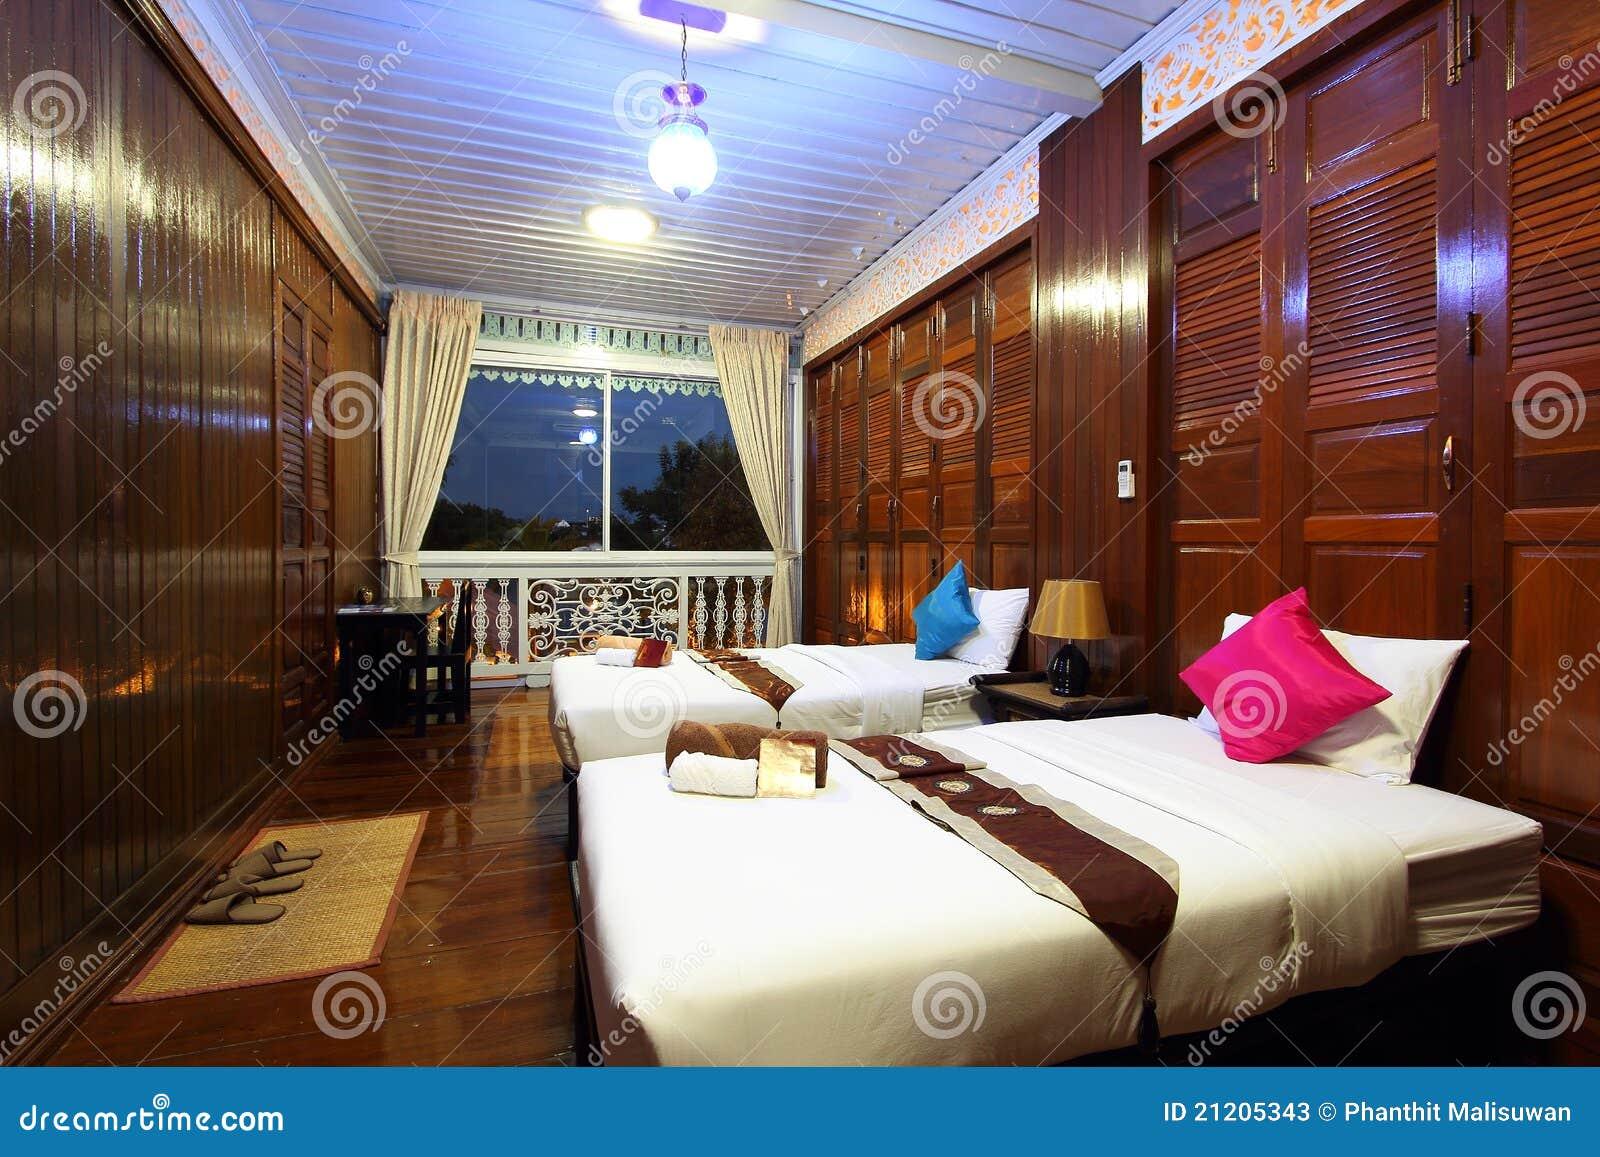 Slaapkamer Hotel Stijl : Inspiratie slaapkamer slaapkamer hotel stijl u artsmediafo myali